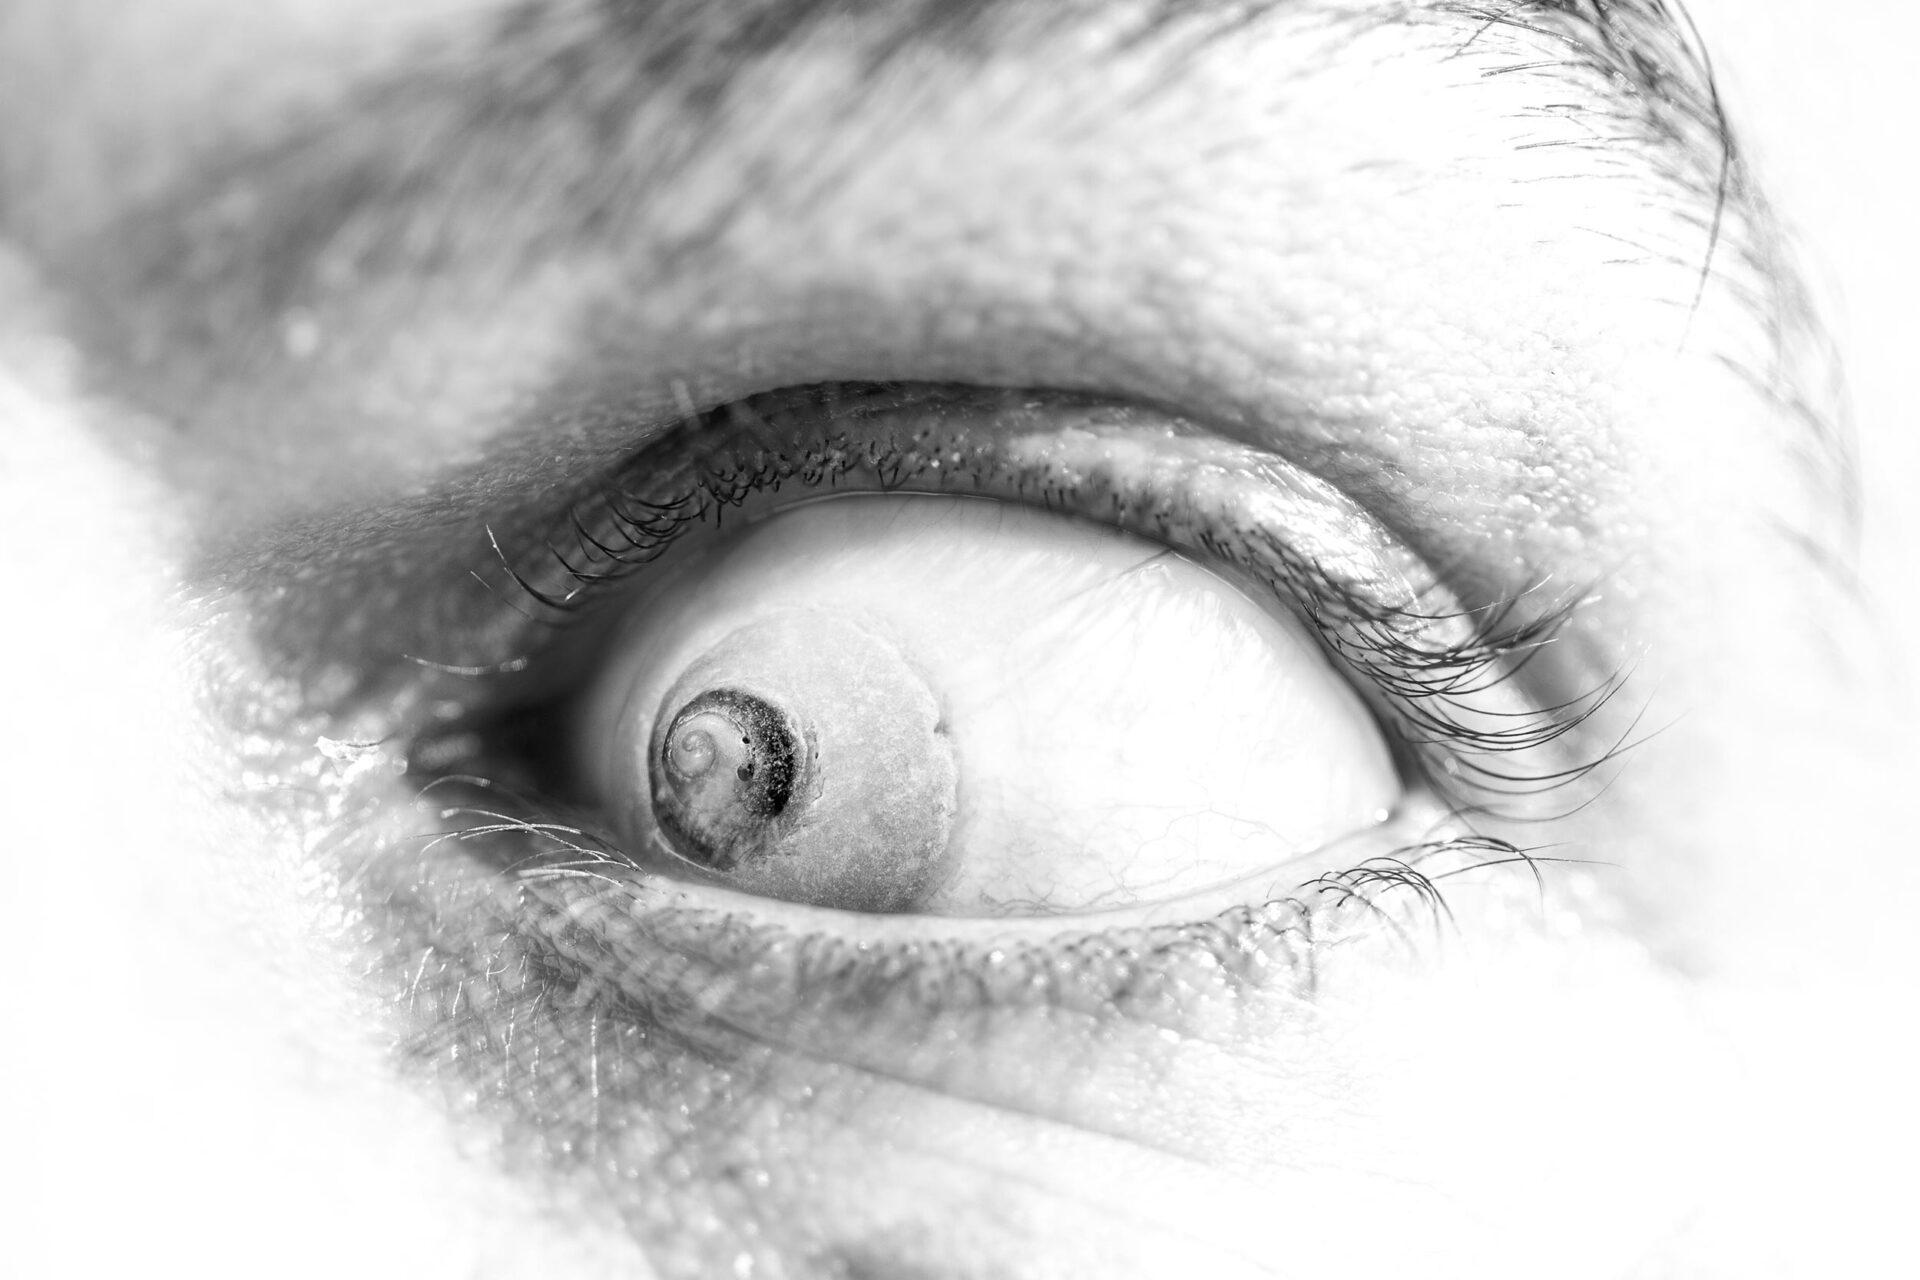 Snail Sh'eye'll II